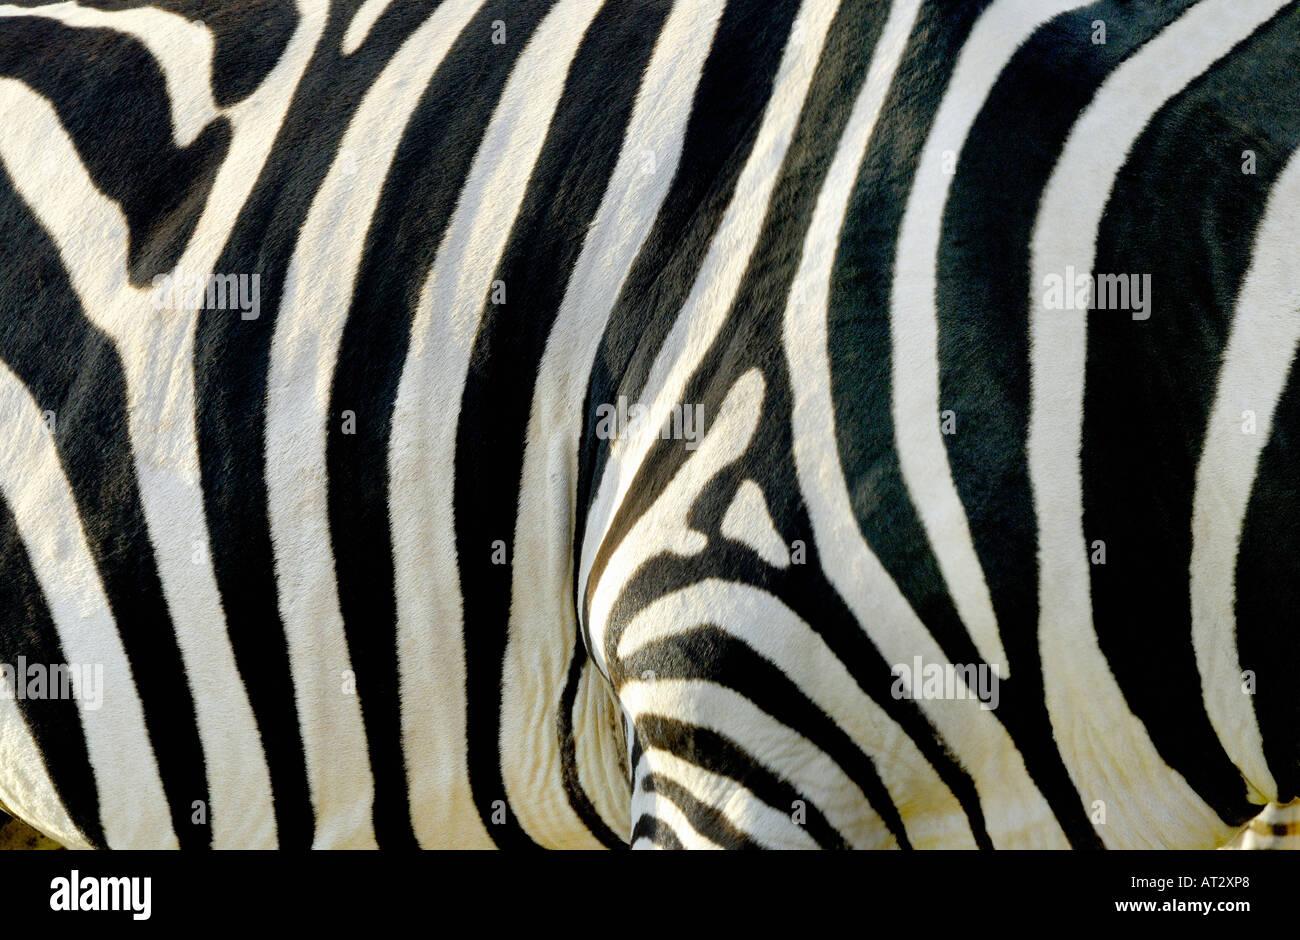 Listras de zebra padrão Imagens de Stock